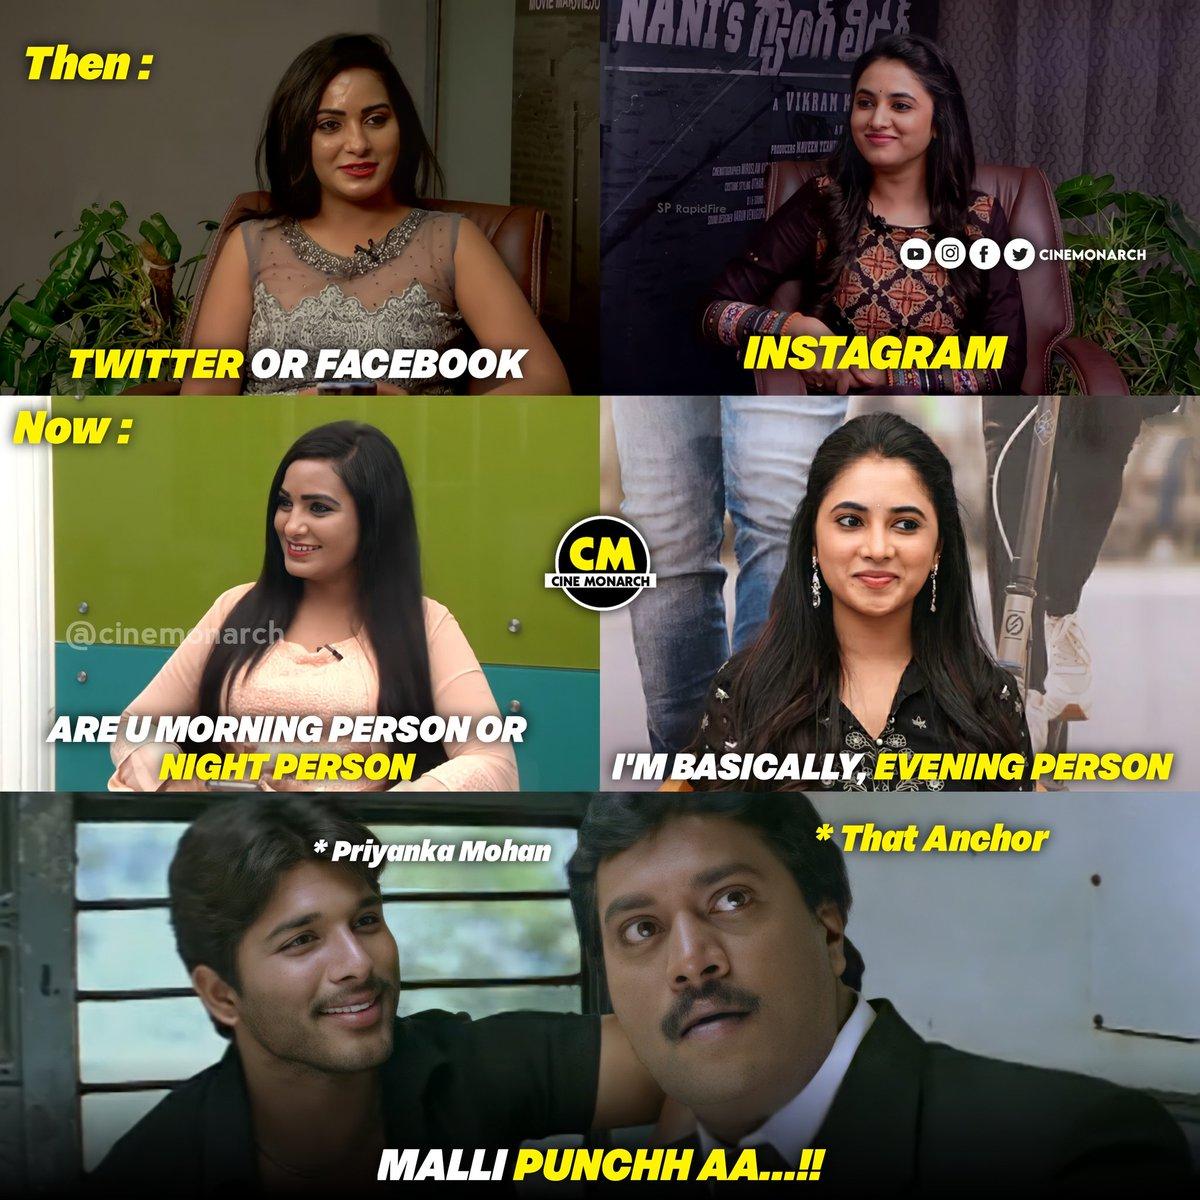 Priyanka Papa Rockzz 🔥😂 #Sreekaram #PriyankaMohan #Nani  @priyankaamohan #GangLeader   #SreekaramOnMarch11th   #Sharwanand #CineMonarch